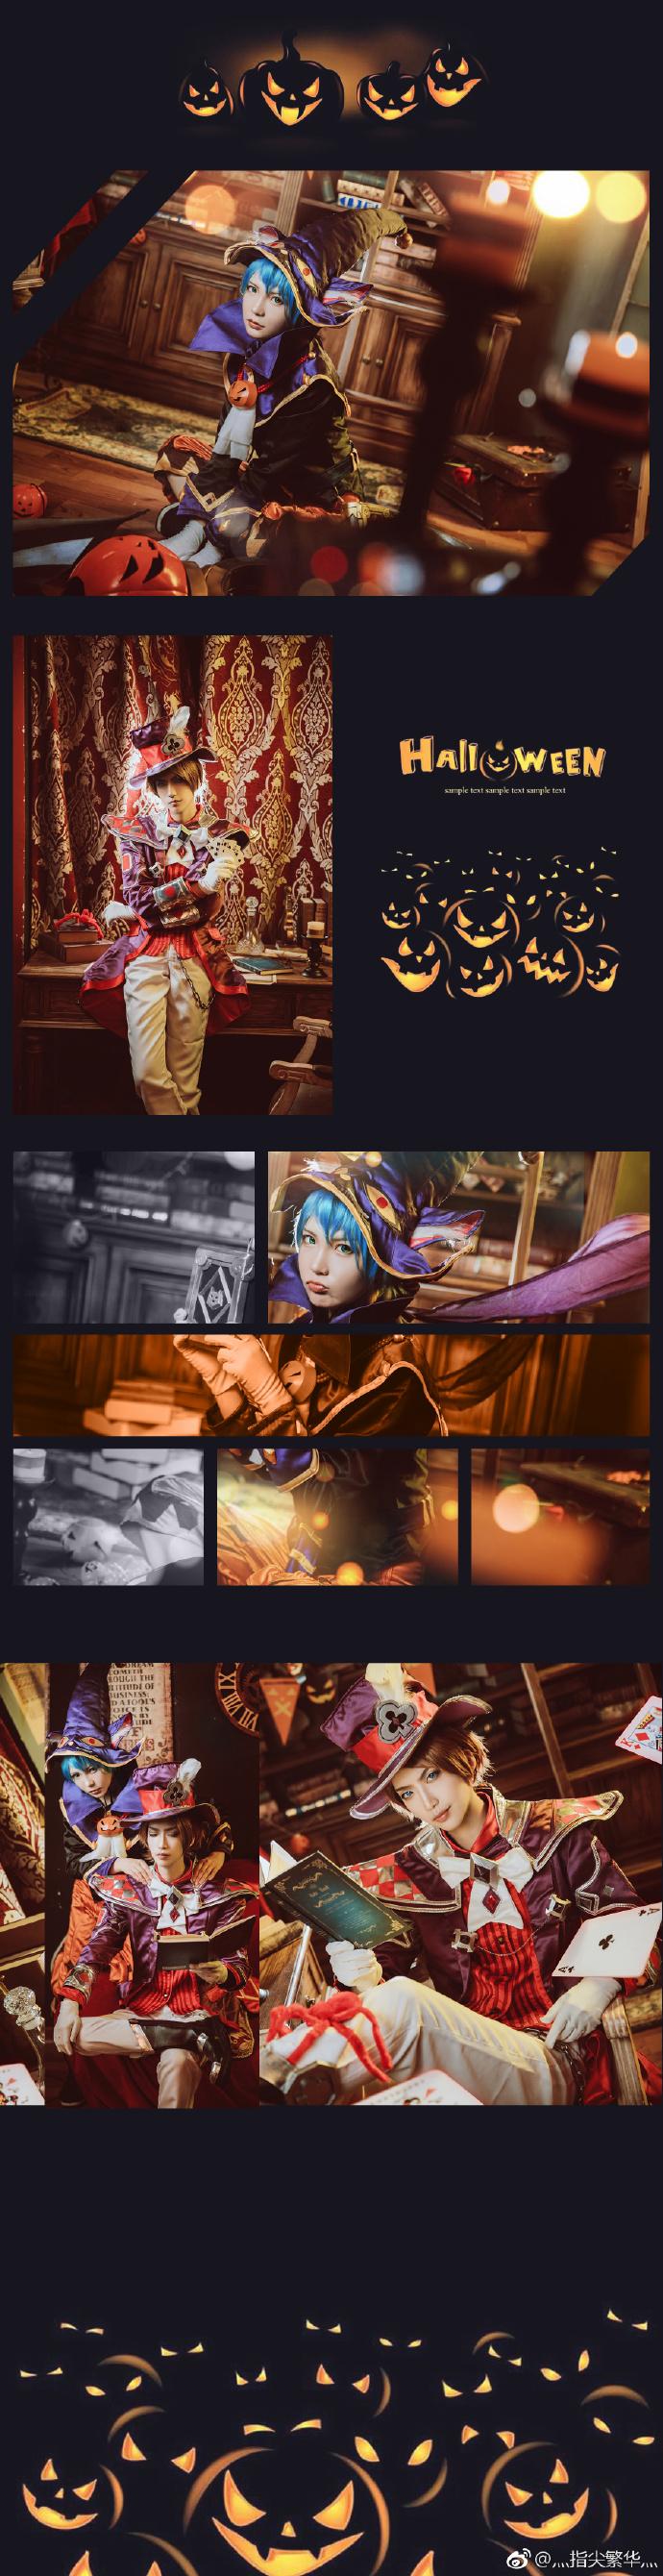 【cos正片】《王者荣耀》同人 李元芳x狄仁杰cosplay欣赏 cosplay-第2张